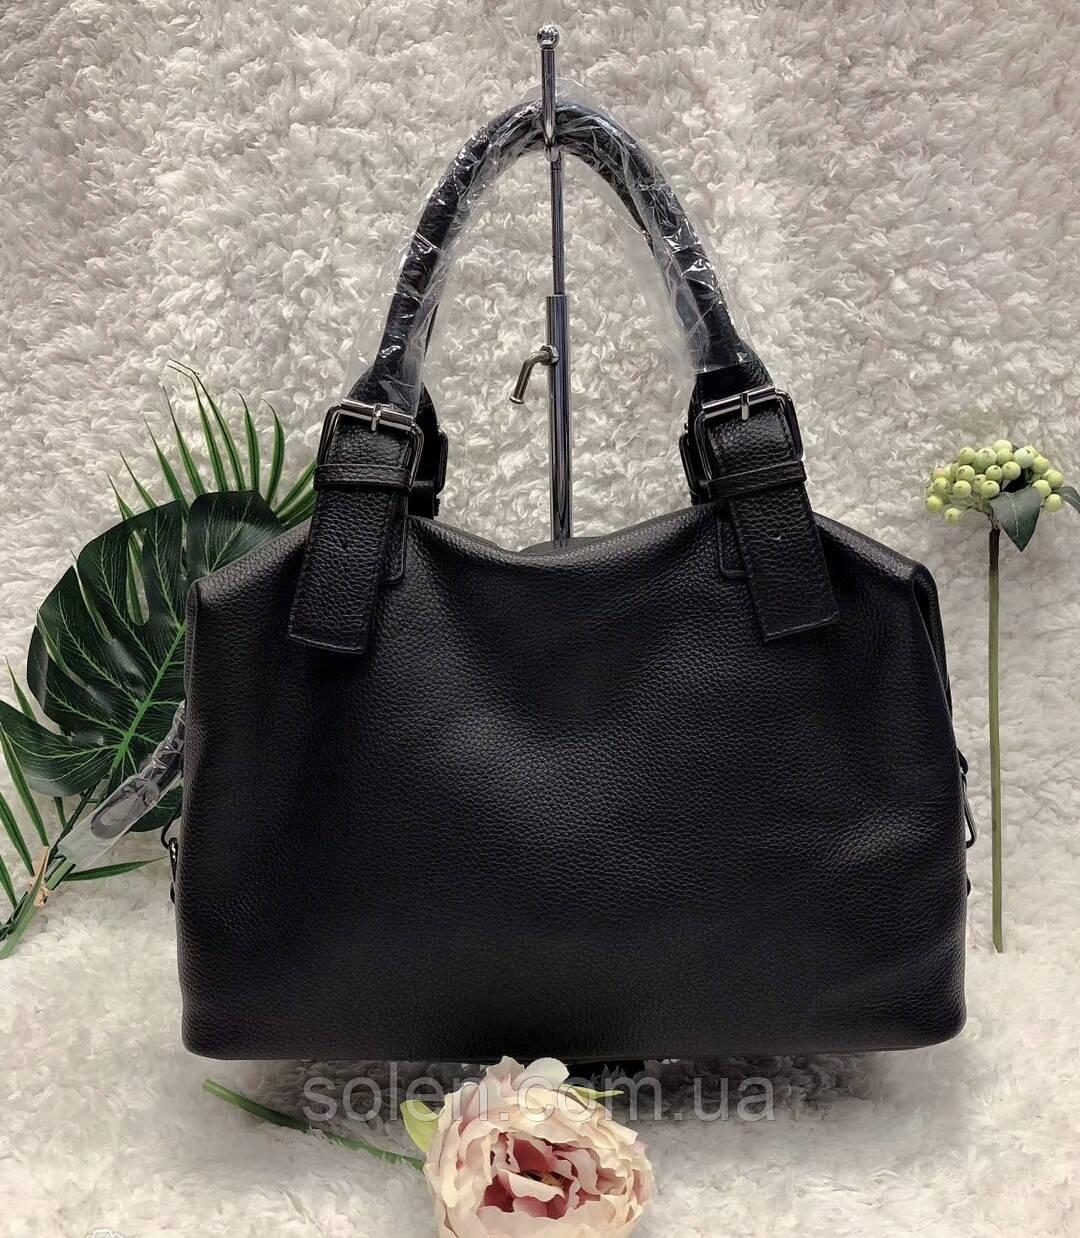 Стильная кожаная сумка . Женская сумка из натуральной кожи. Сумка . Красивая сумка. Женская сумка.